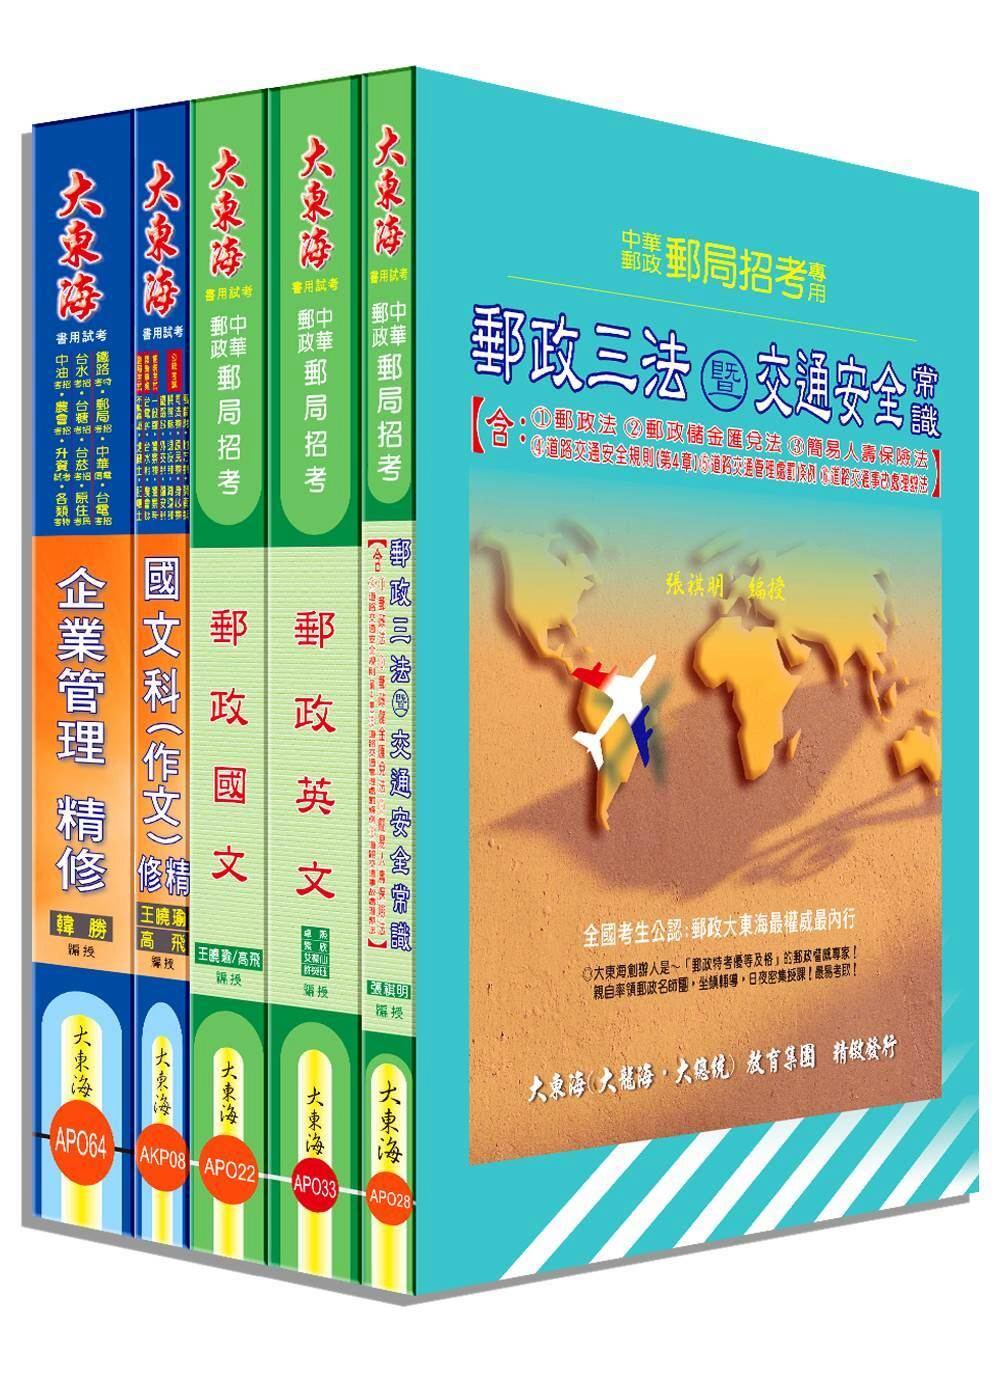 中華郵政(專業職二-內勤)全科目套書(增修版)